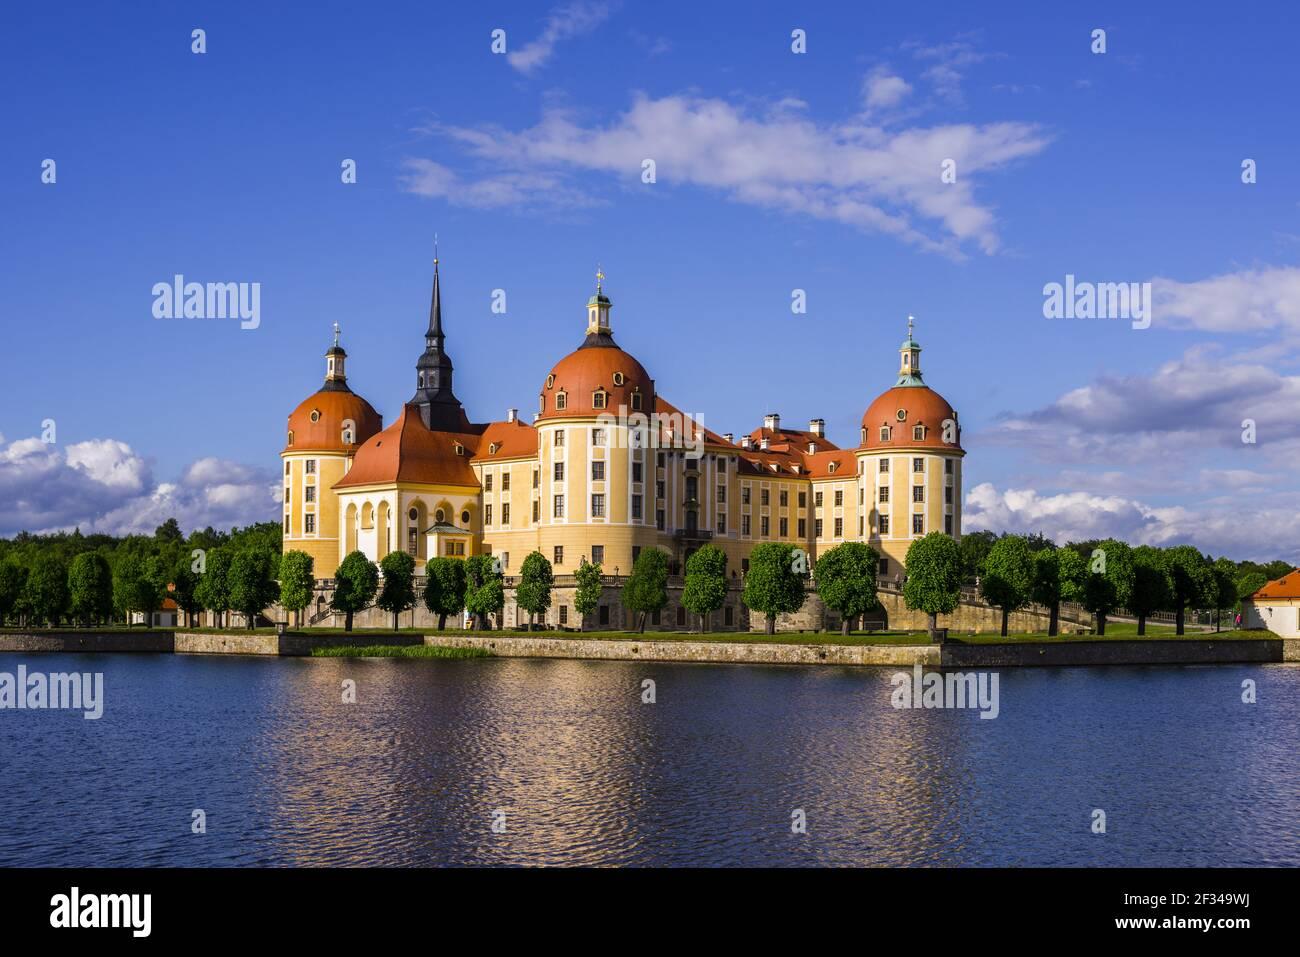 Geografía / viajes, Alemania, Sajonia, castillo Moritzburg, comunidad Moritzburg en Dresden, Saxon, Libertad de Panorama Foto de stock